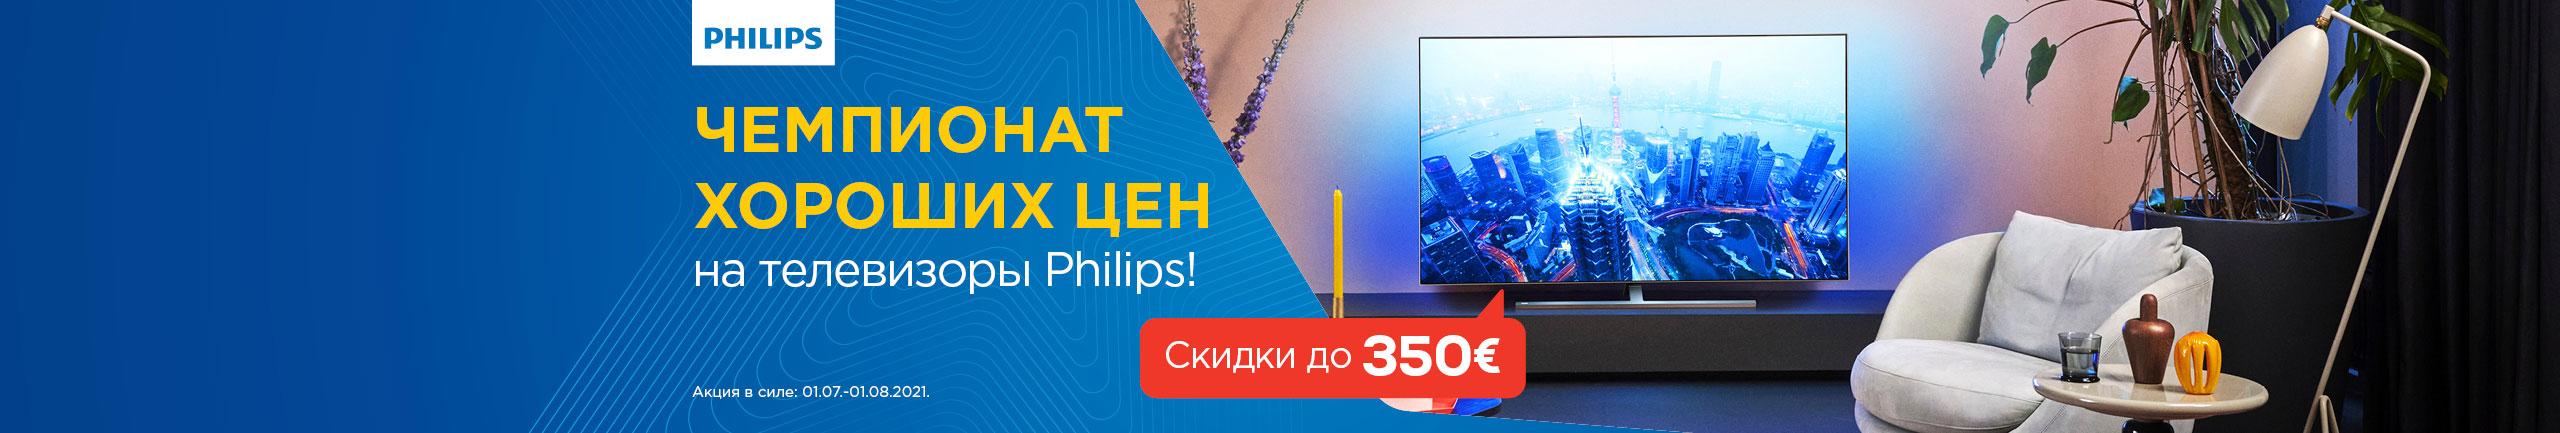 FPS Philips TV